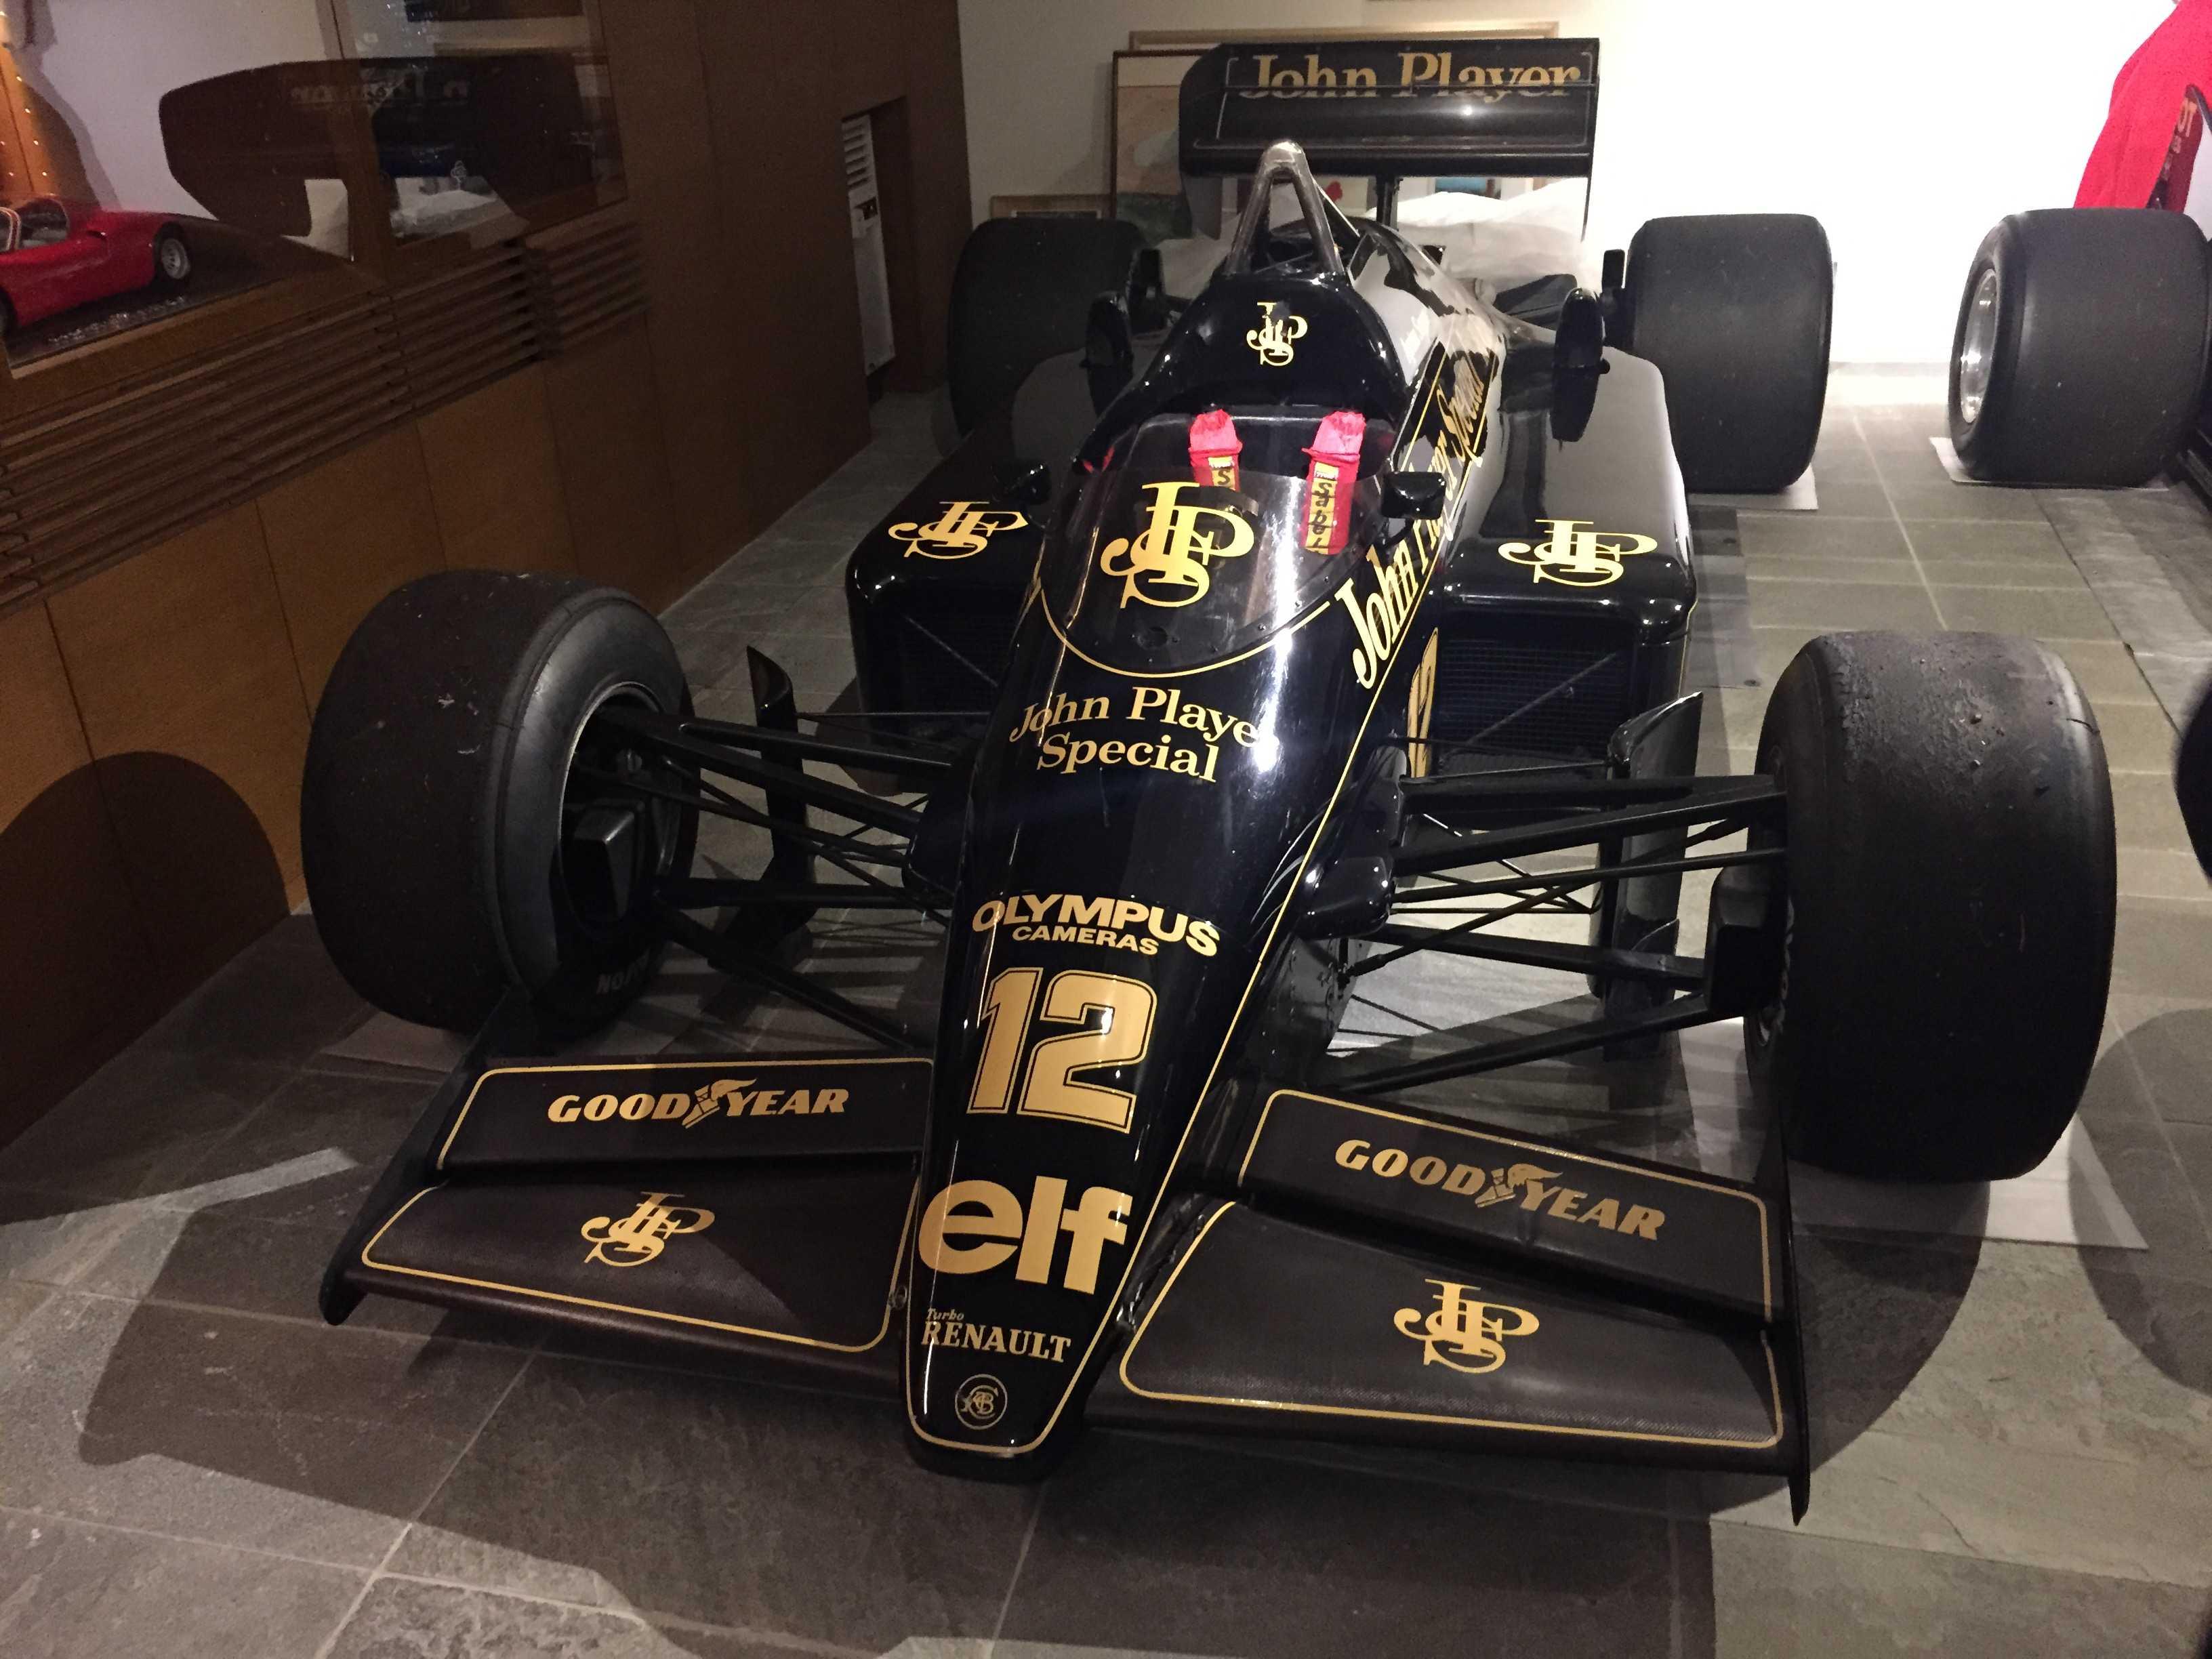 JPS(John Player Special/ジョン・プレイヤー・スペシャル )の F1カー/F1マシン